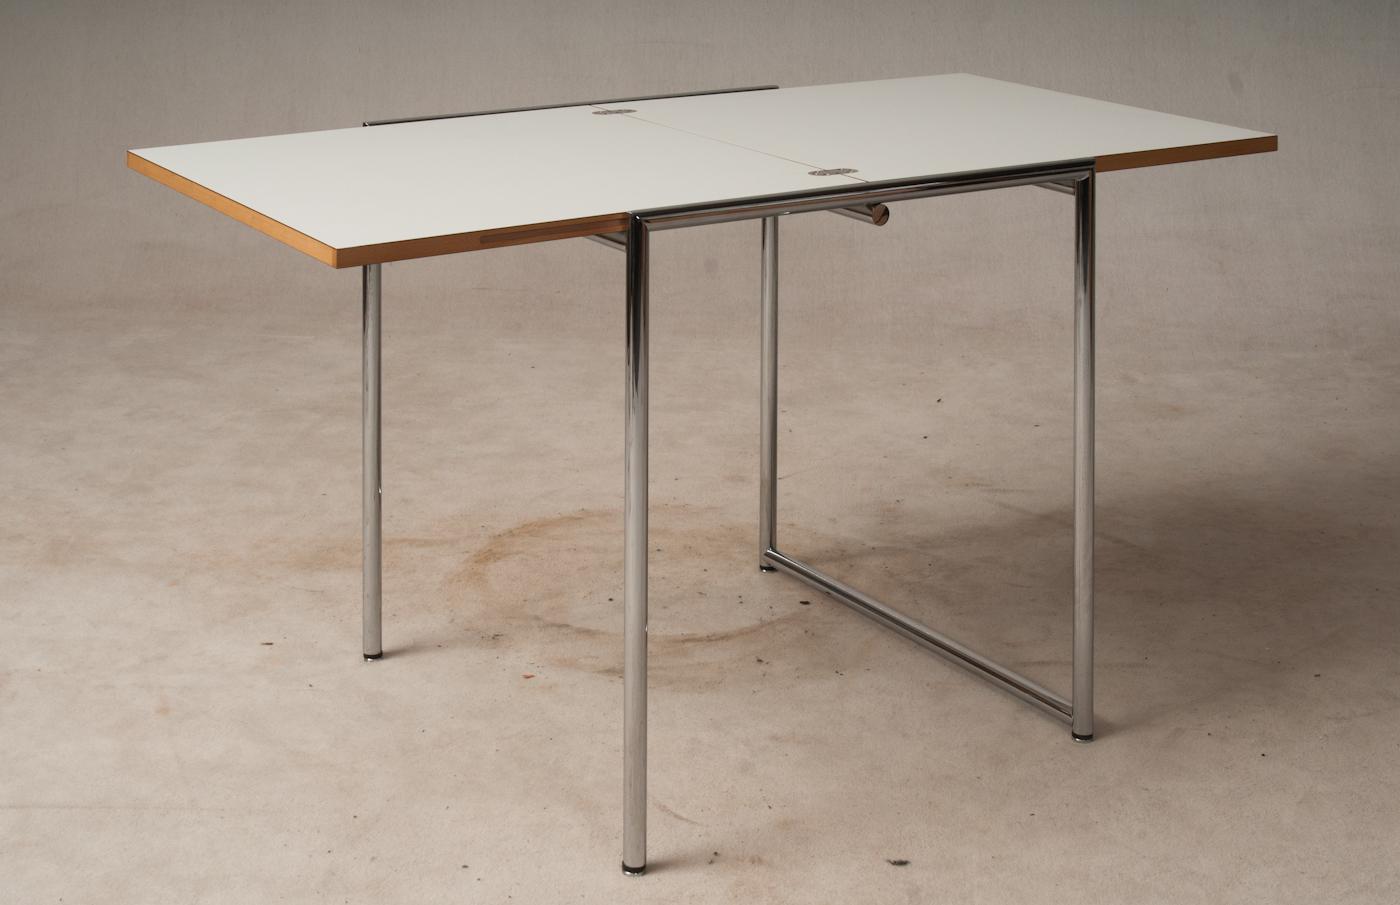 Eileen Grey Tisch Tolle Beistelltisch E1027 500 #4977 Haus Dekoration  Galerie.